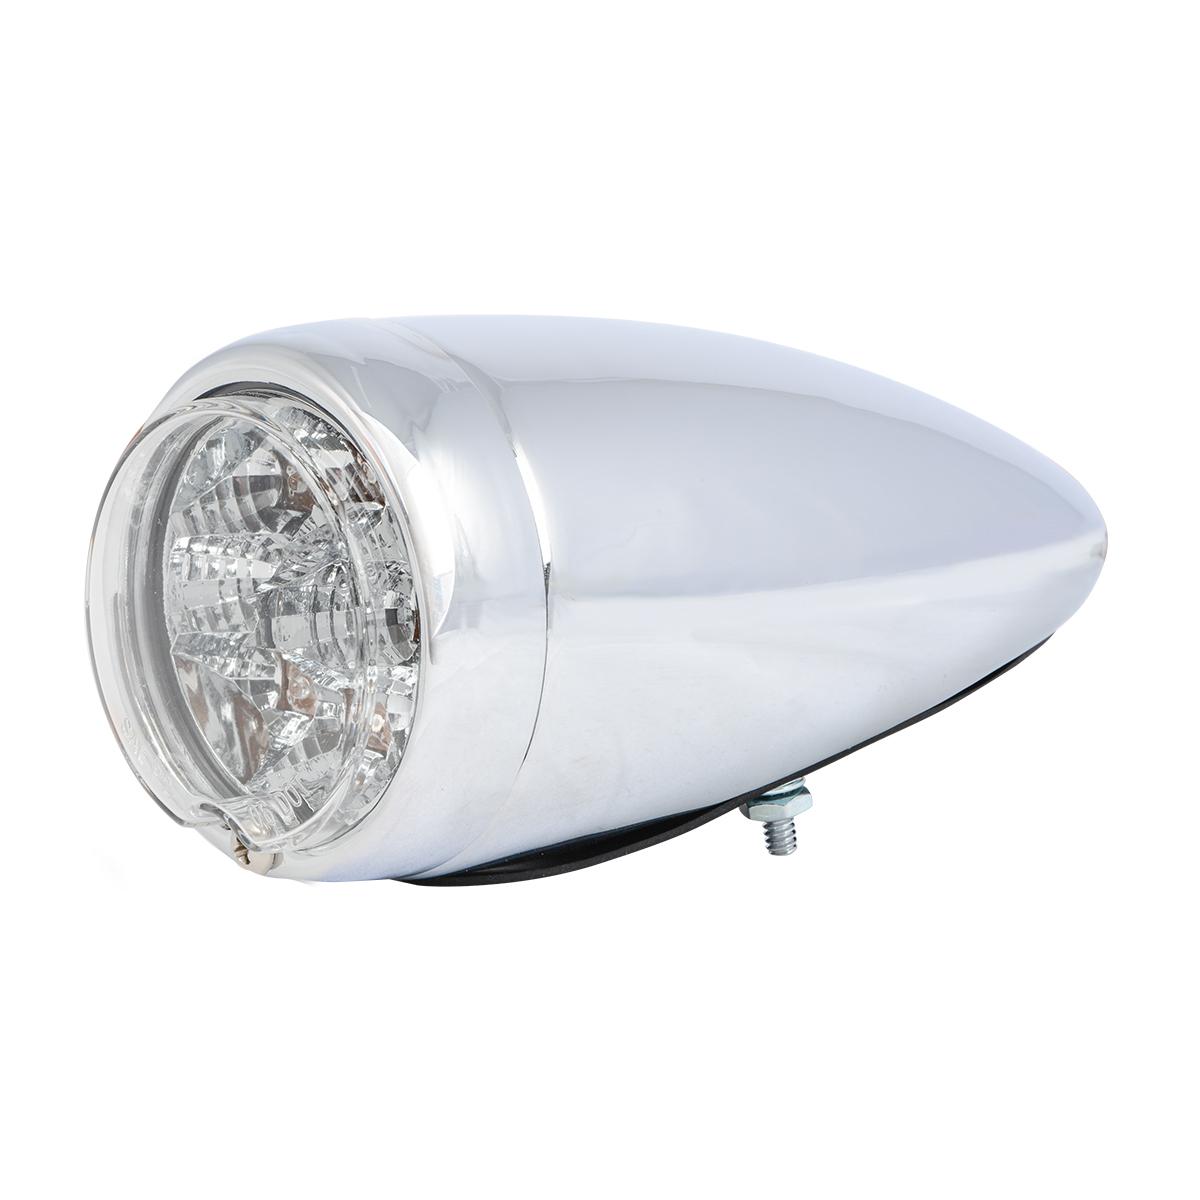 77211 Chrome Steel Bullet Spyder LED Turn/Marker Light